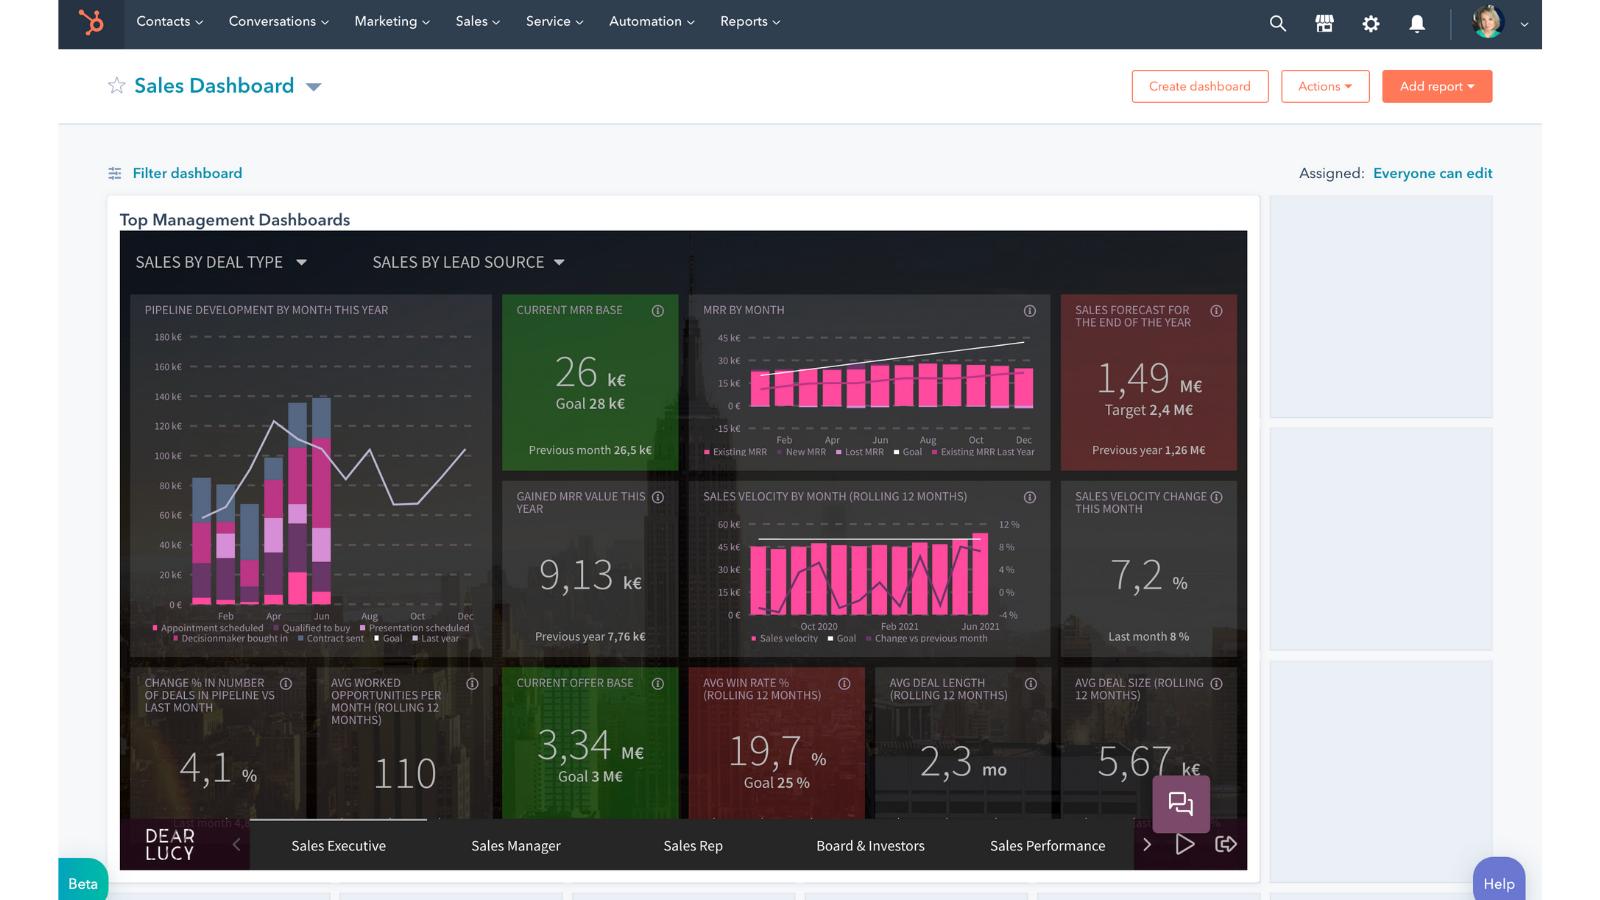 Dear Lucy - embed external content on dashboard - hubspot update june 21